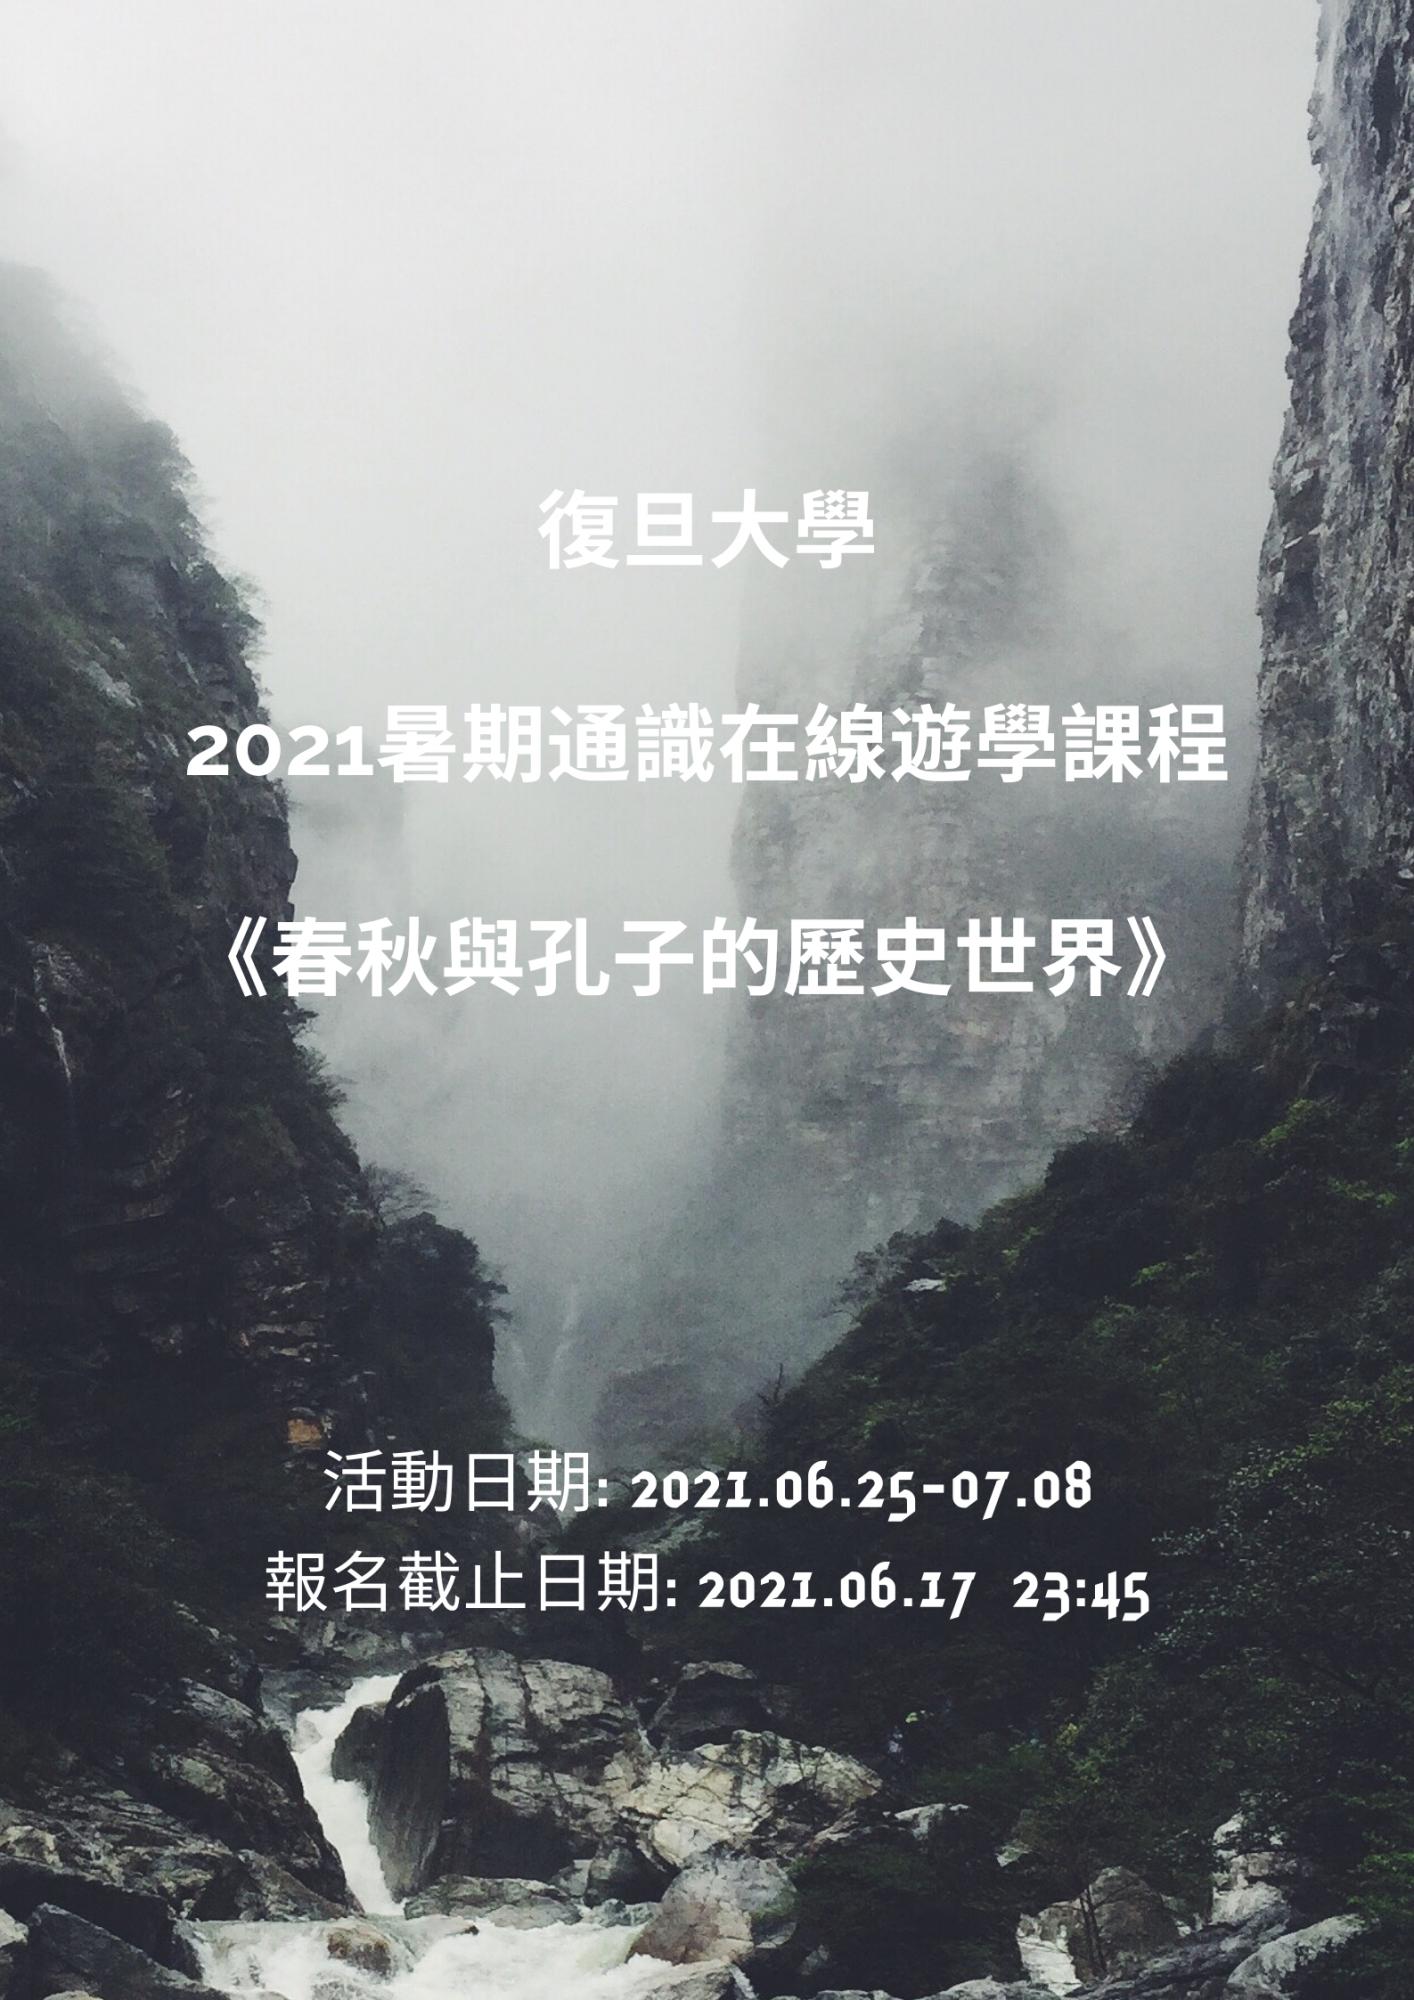 復旦大學2021暑期「春秋與孔子的歷史世界」通識遊學課程